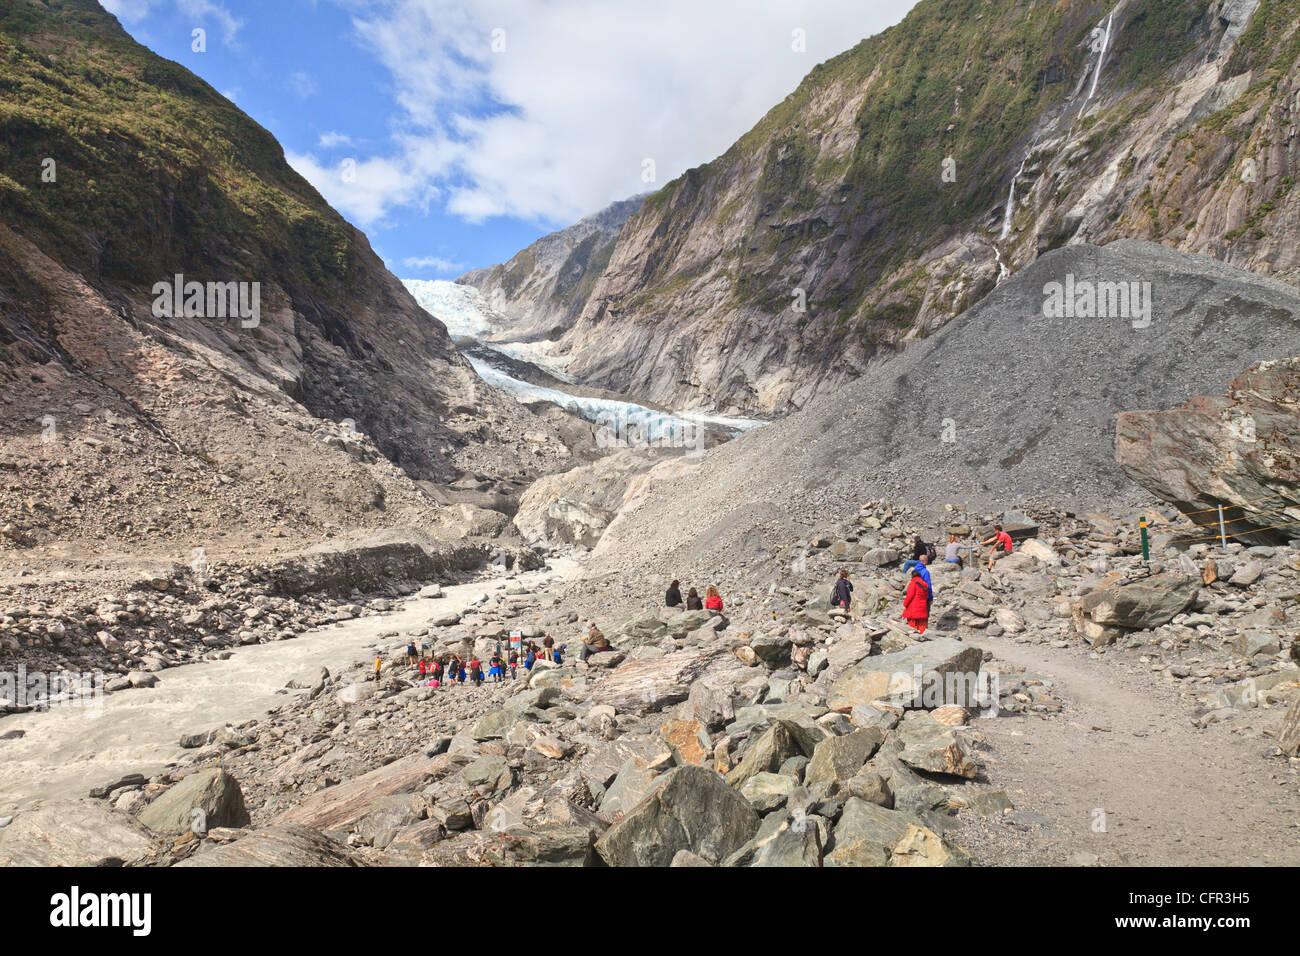 Les touristes près de l'aérogare de Franz Josef Glacier, côte ouest, Nouvelle-Zélande Photo Stock